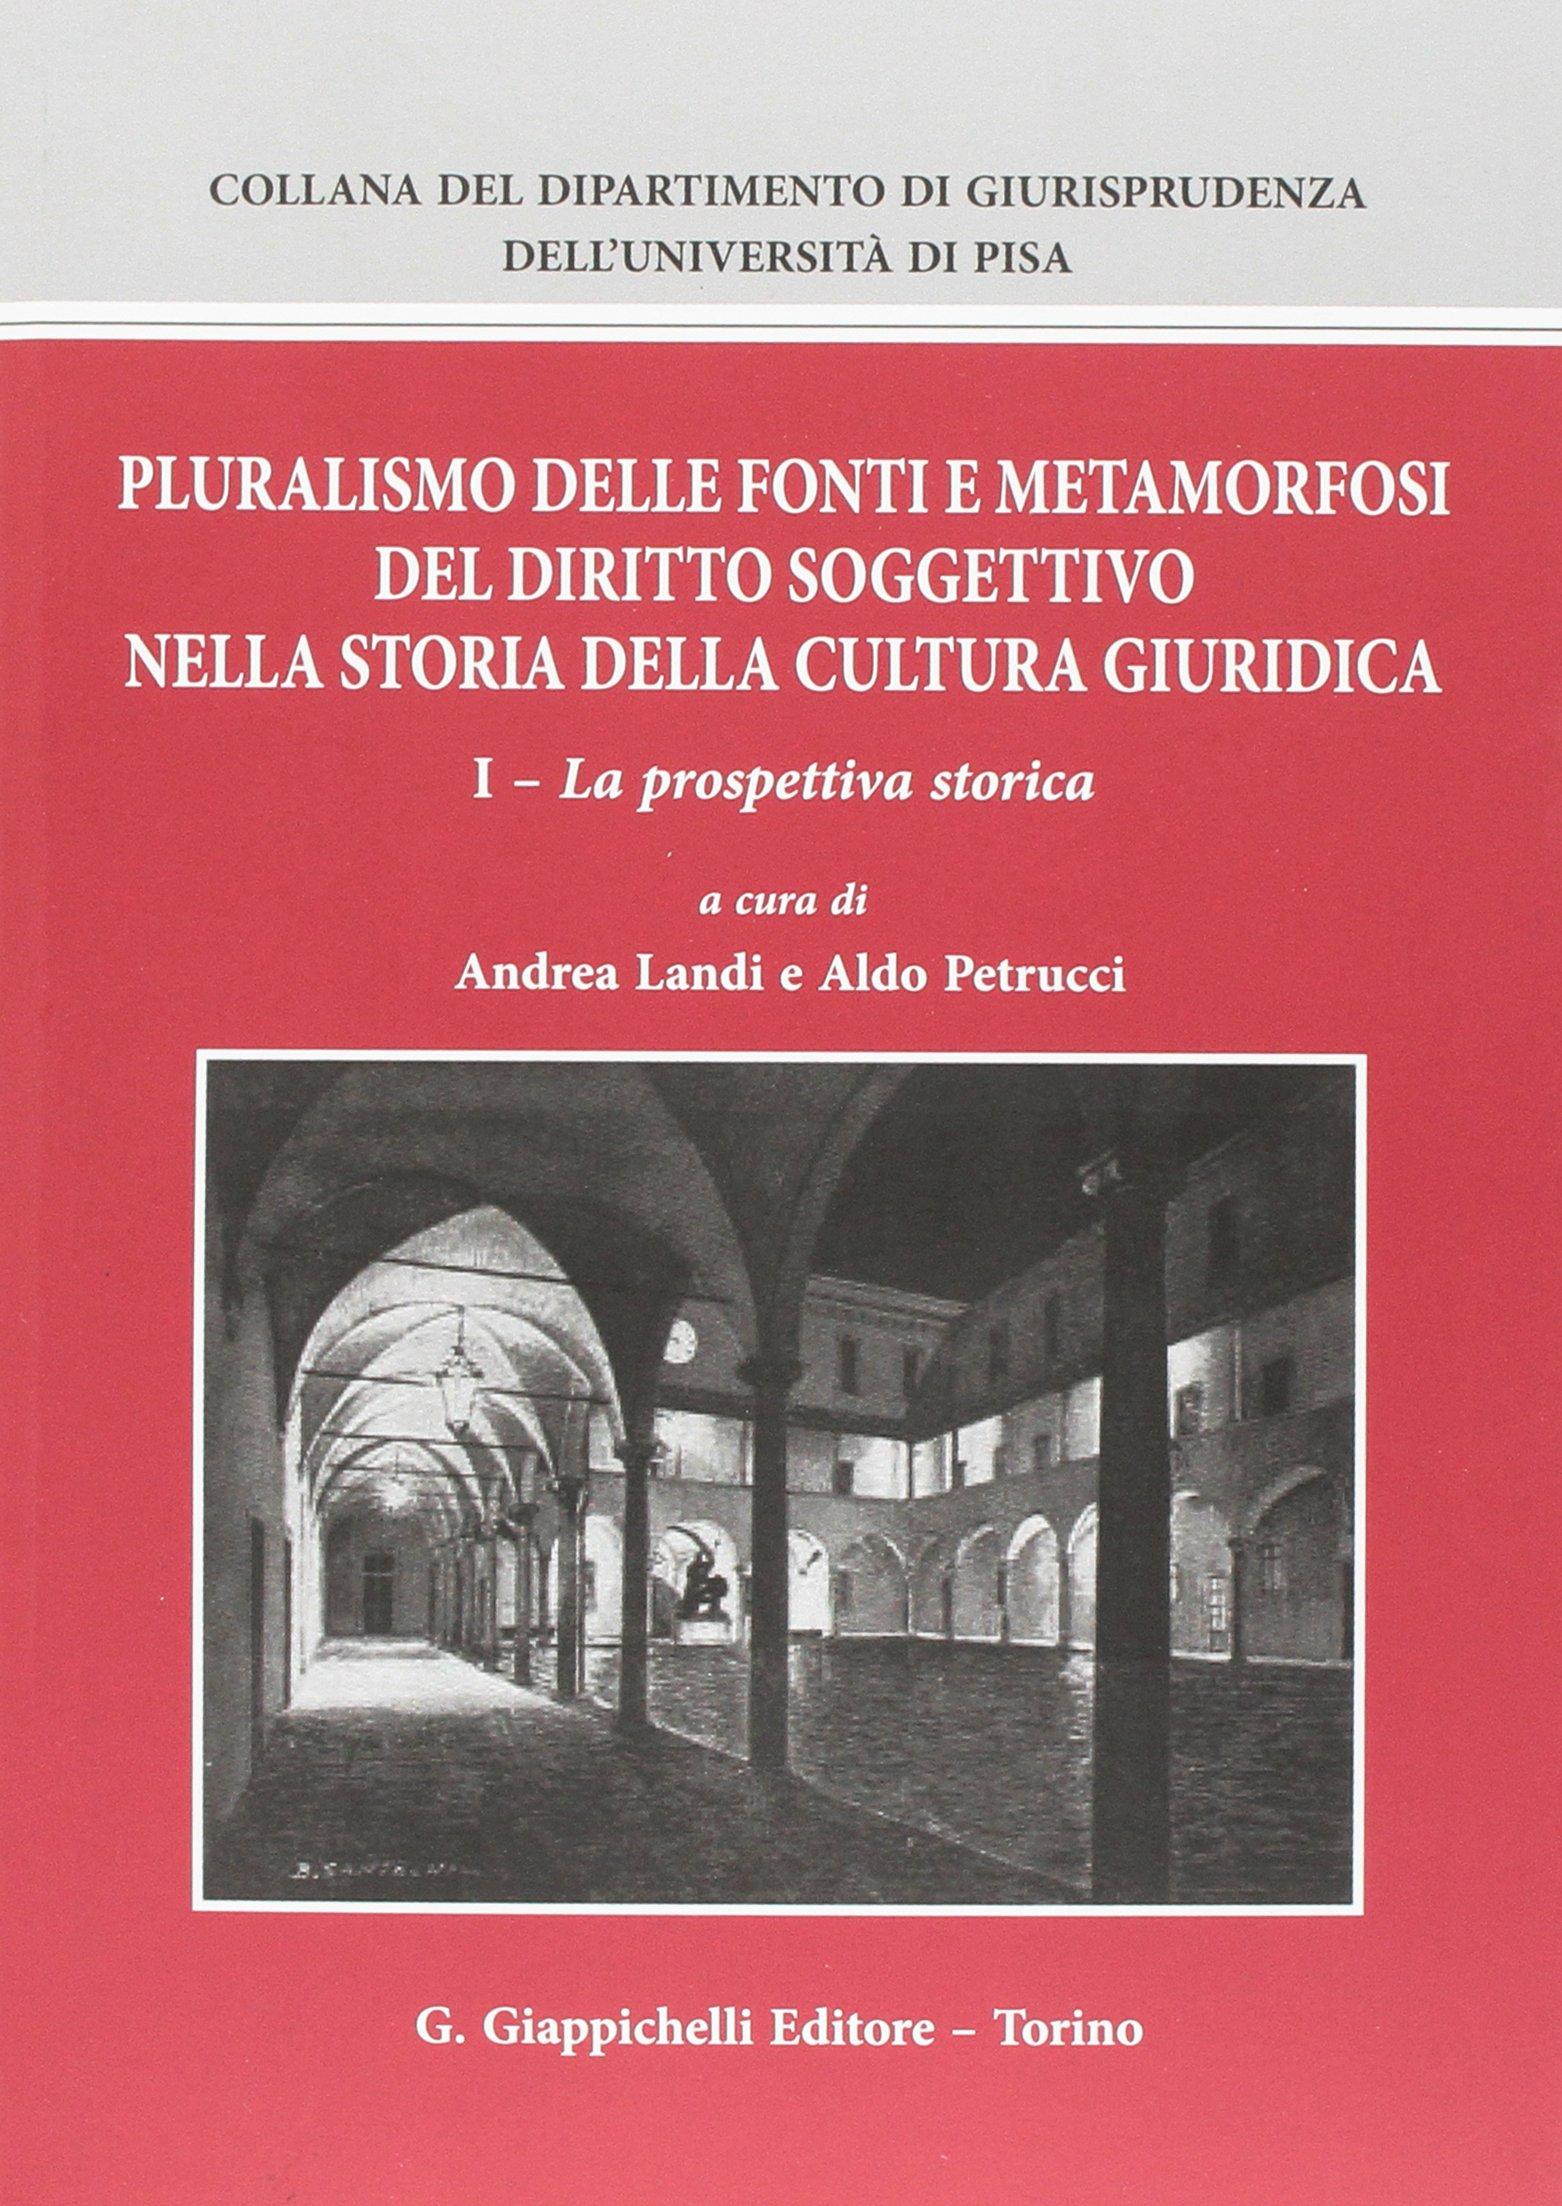 Pluralismo delle fonti e metamorfosi del diritto soggettivo nella storia della cultura giuridica: 1